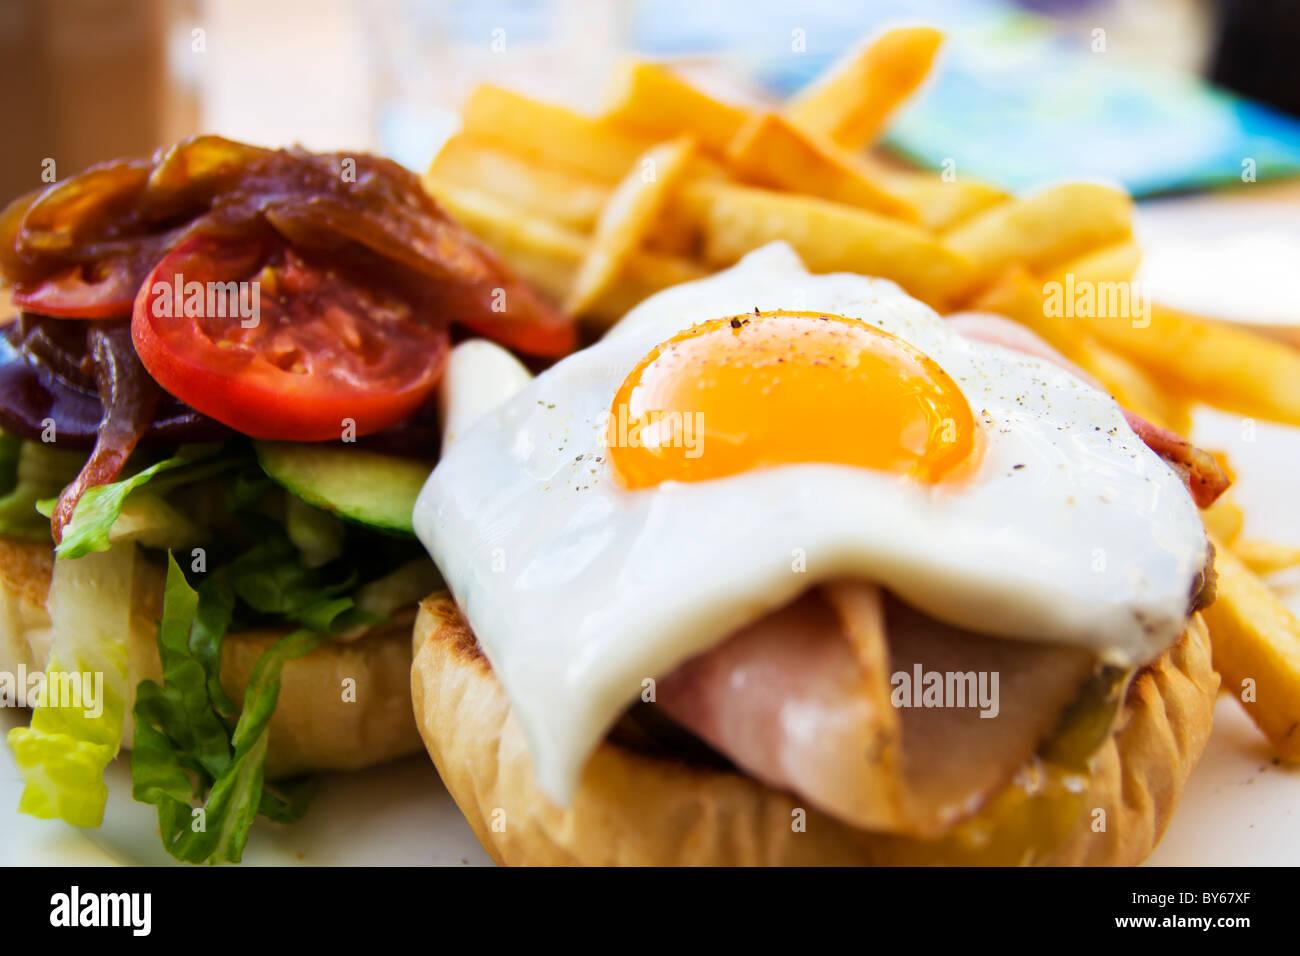 La carne Wagyu hamburguesa con patatas fritas, tocino, jamón, huevo y verduras Imagen De Stock